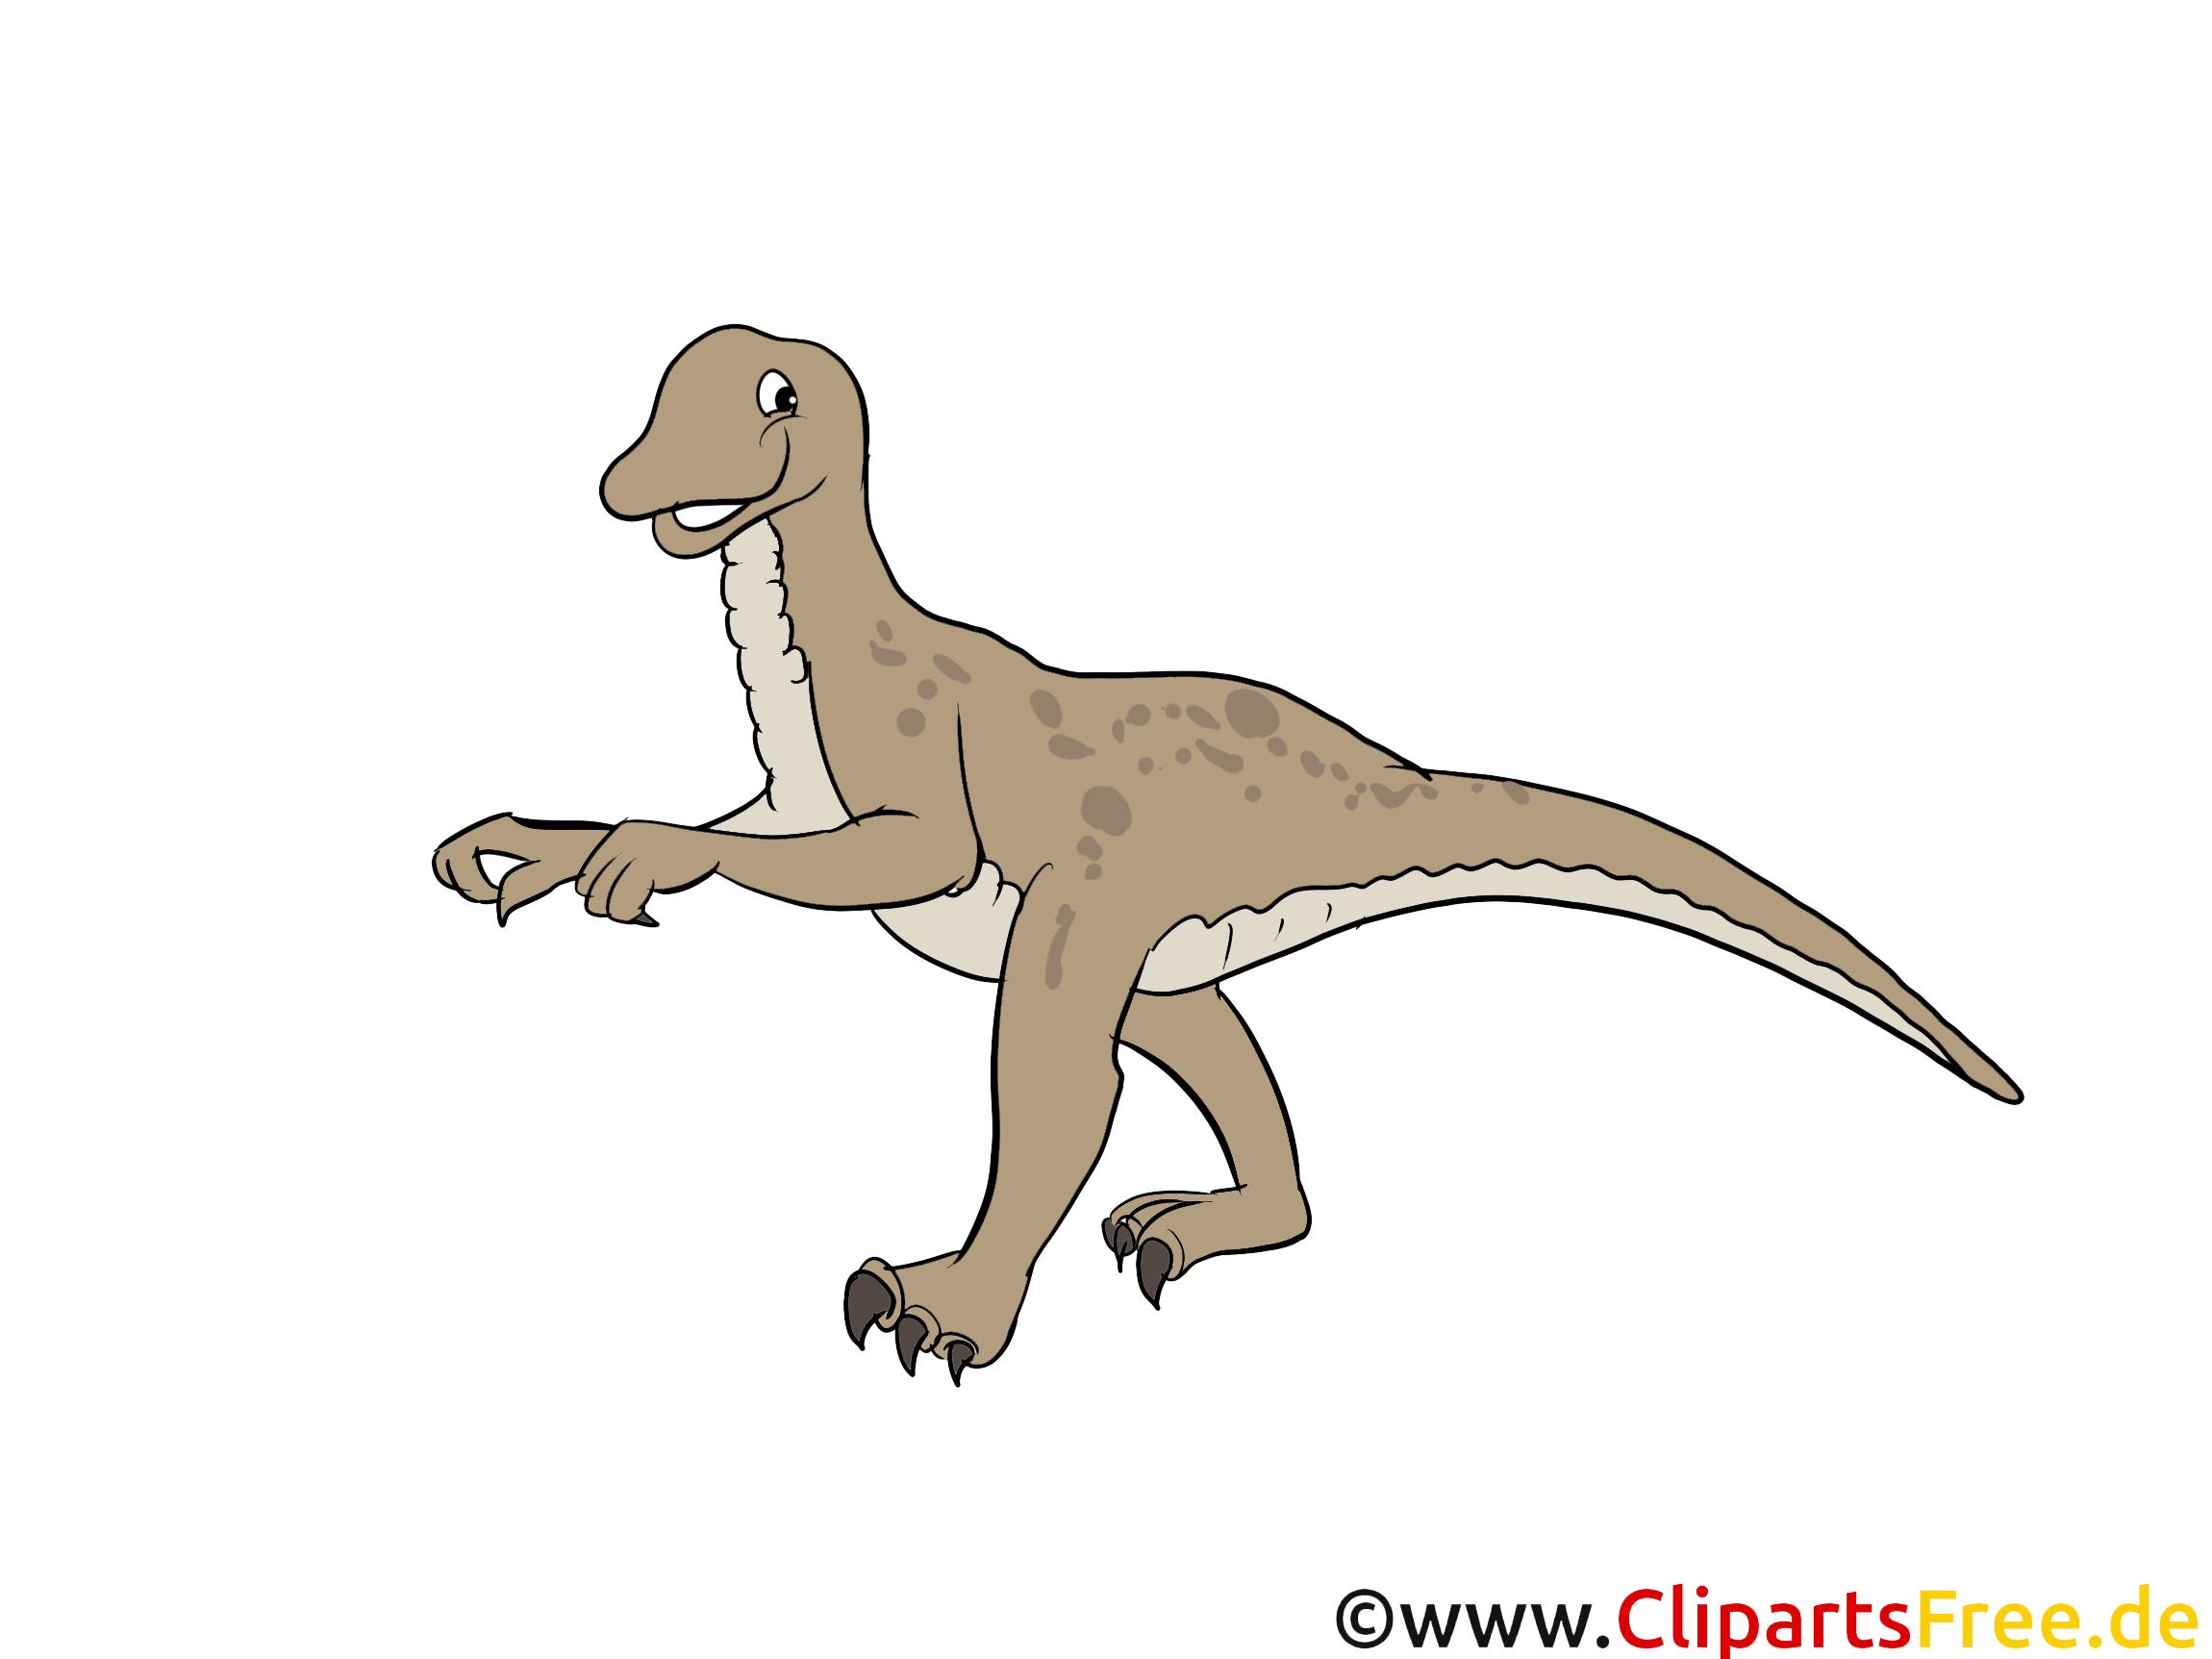 Velociraptor-afbeelding - afbeeldingen van dinosaurussen, tekenfilms, gratis illustraties